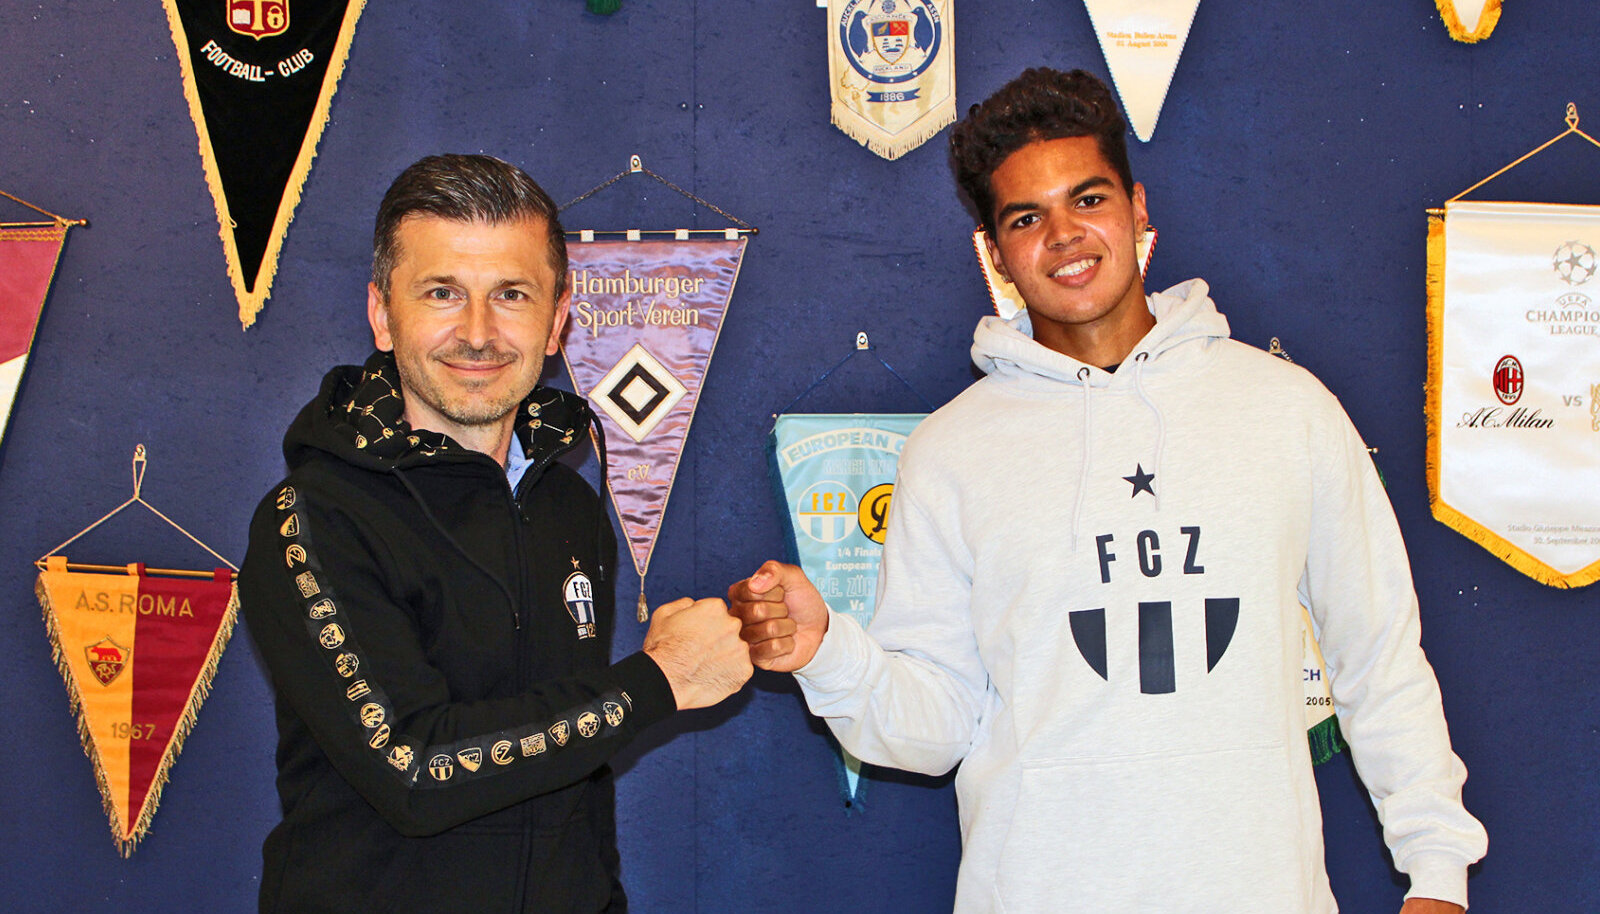 FC Zürichi spordirektor Marinko Jurendic (vasakul) ja Carson Buschman-Dormond.